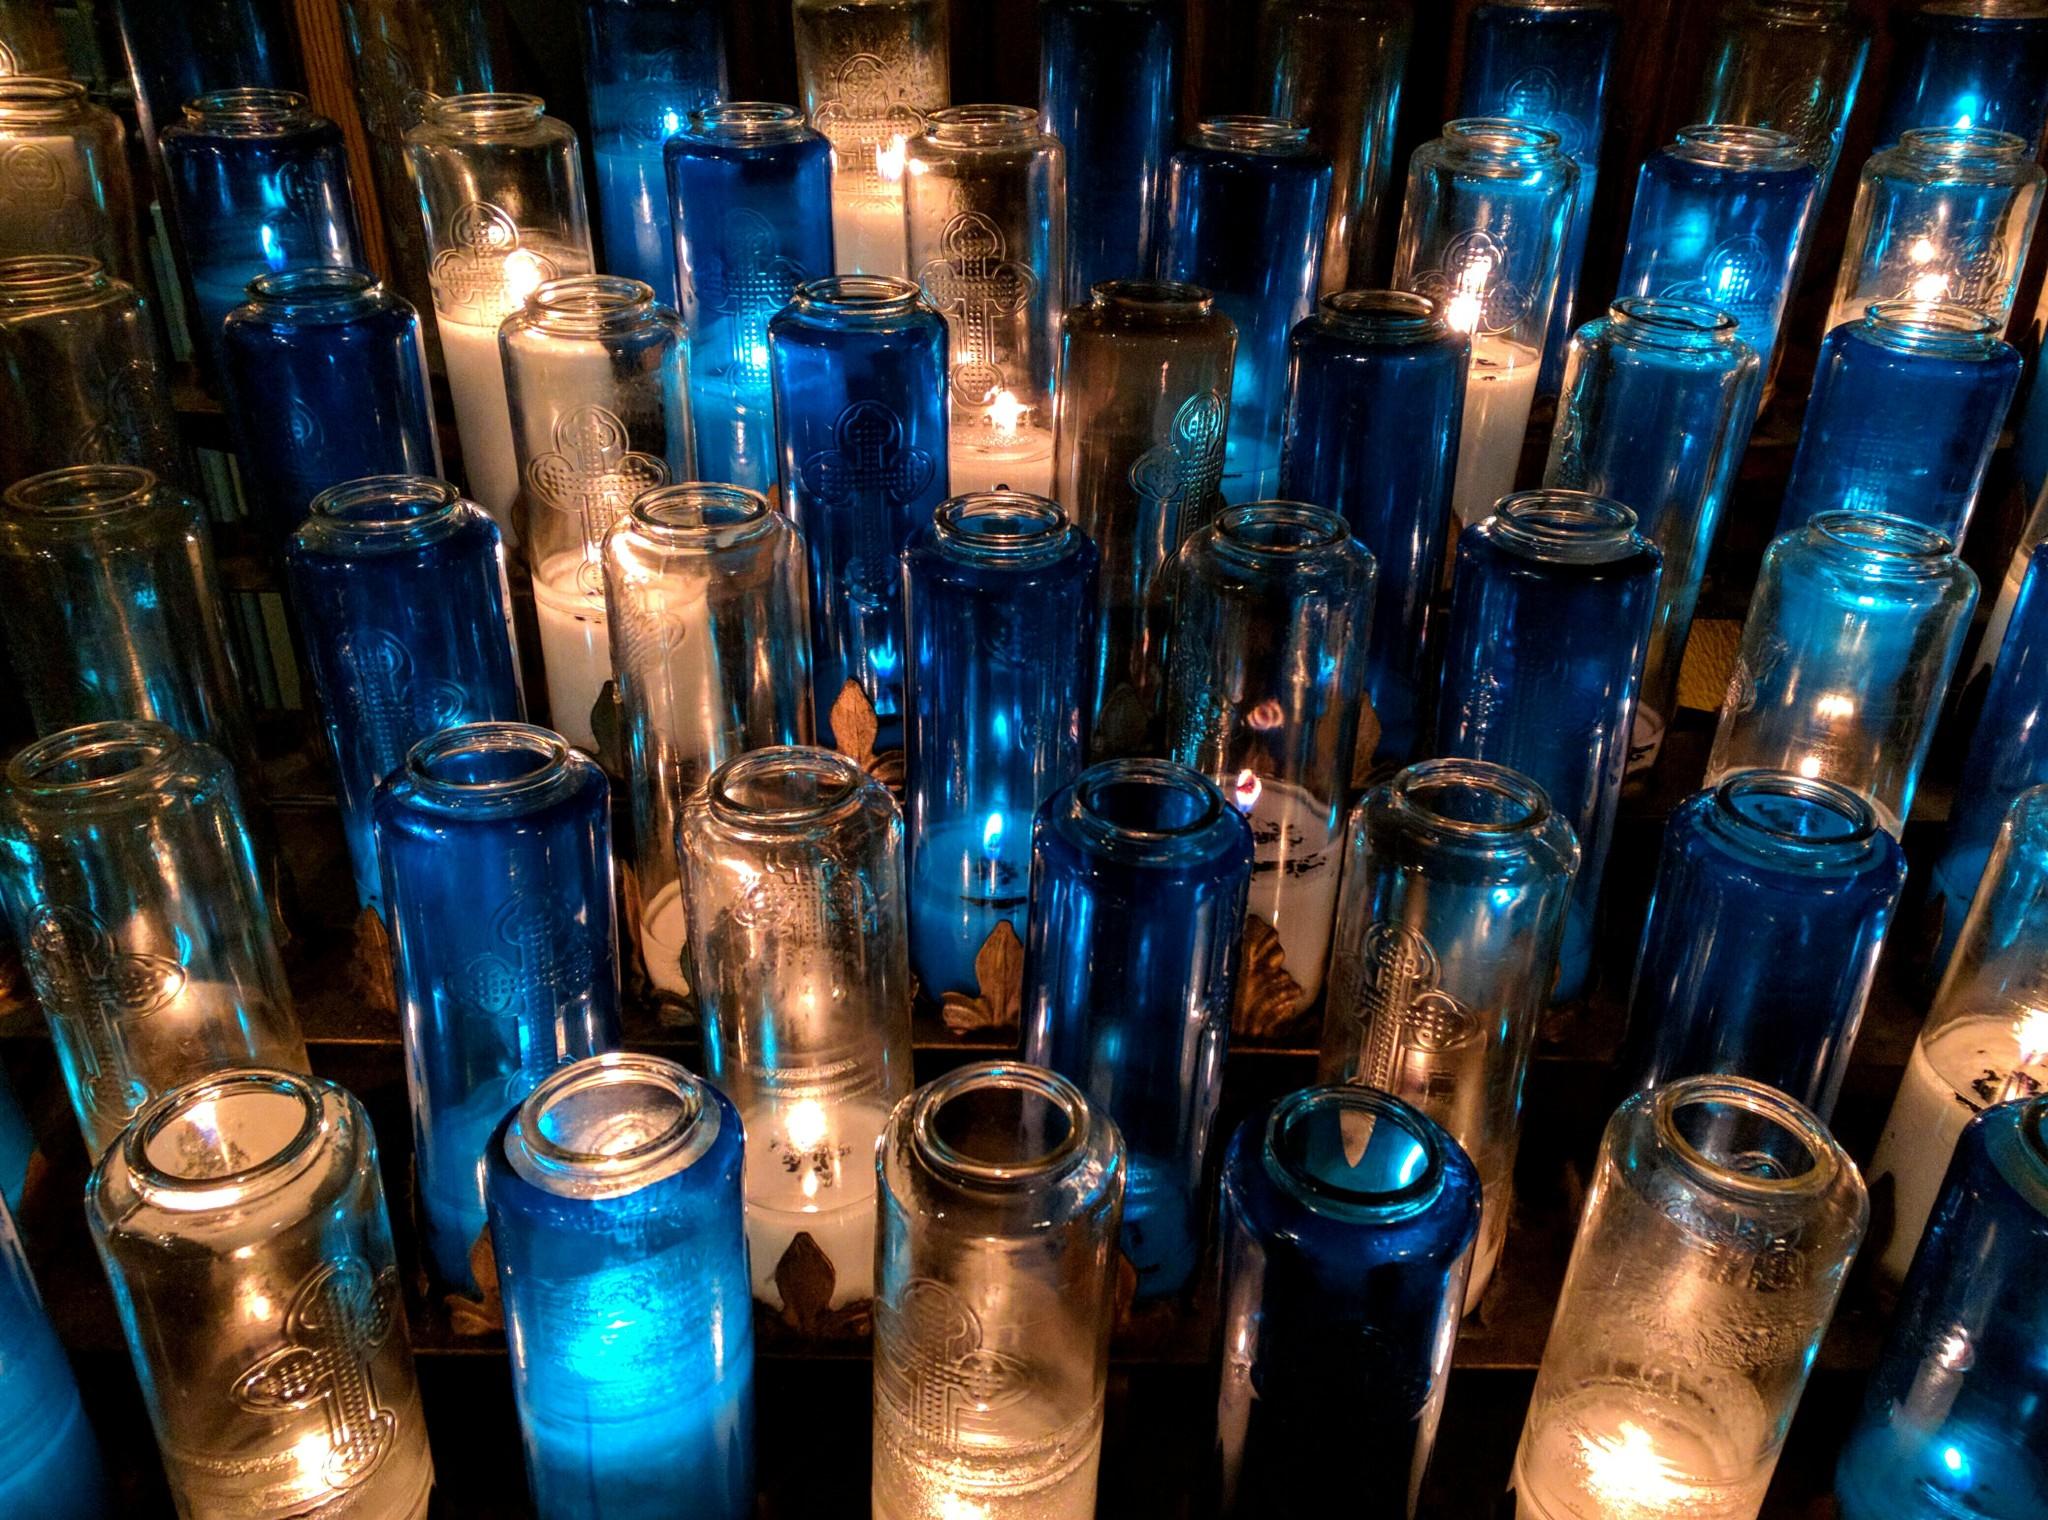 Candele votive nella Basilica di Notre-Dame a Montreal, regione del Quebec, Canada